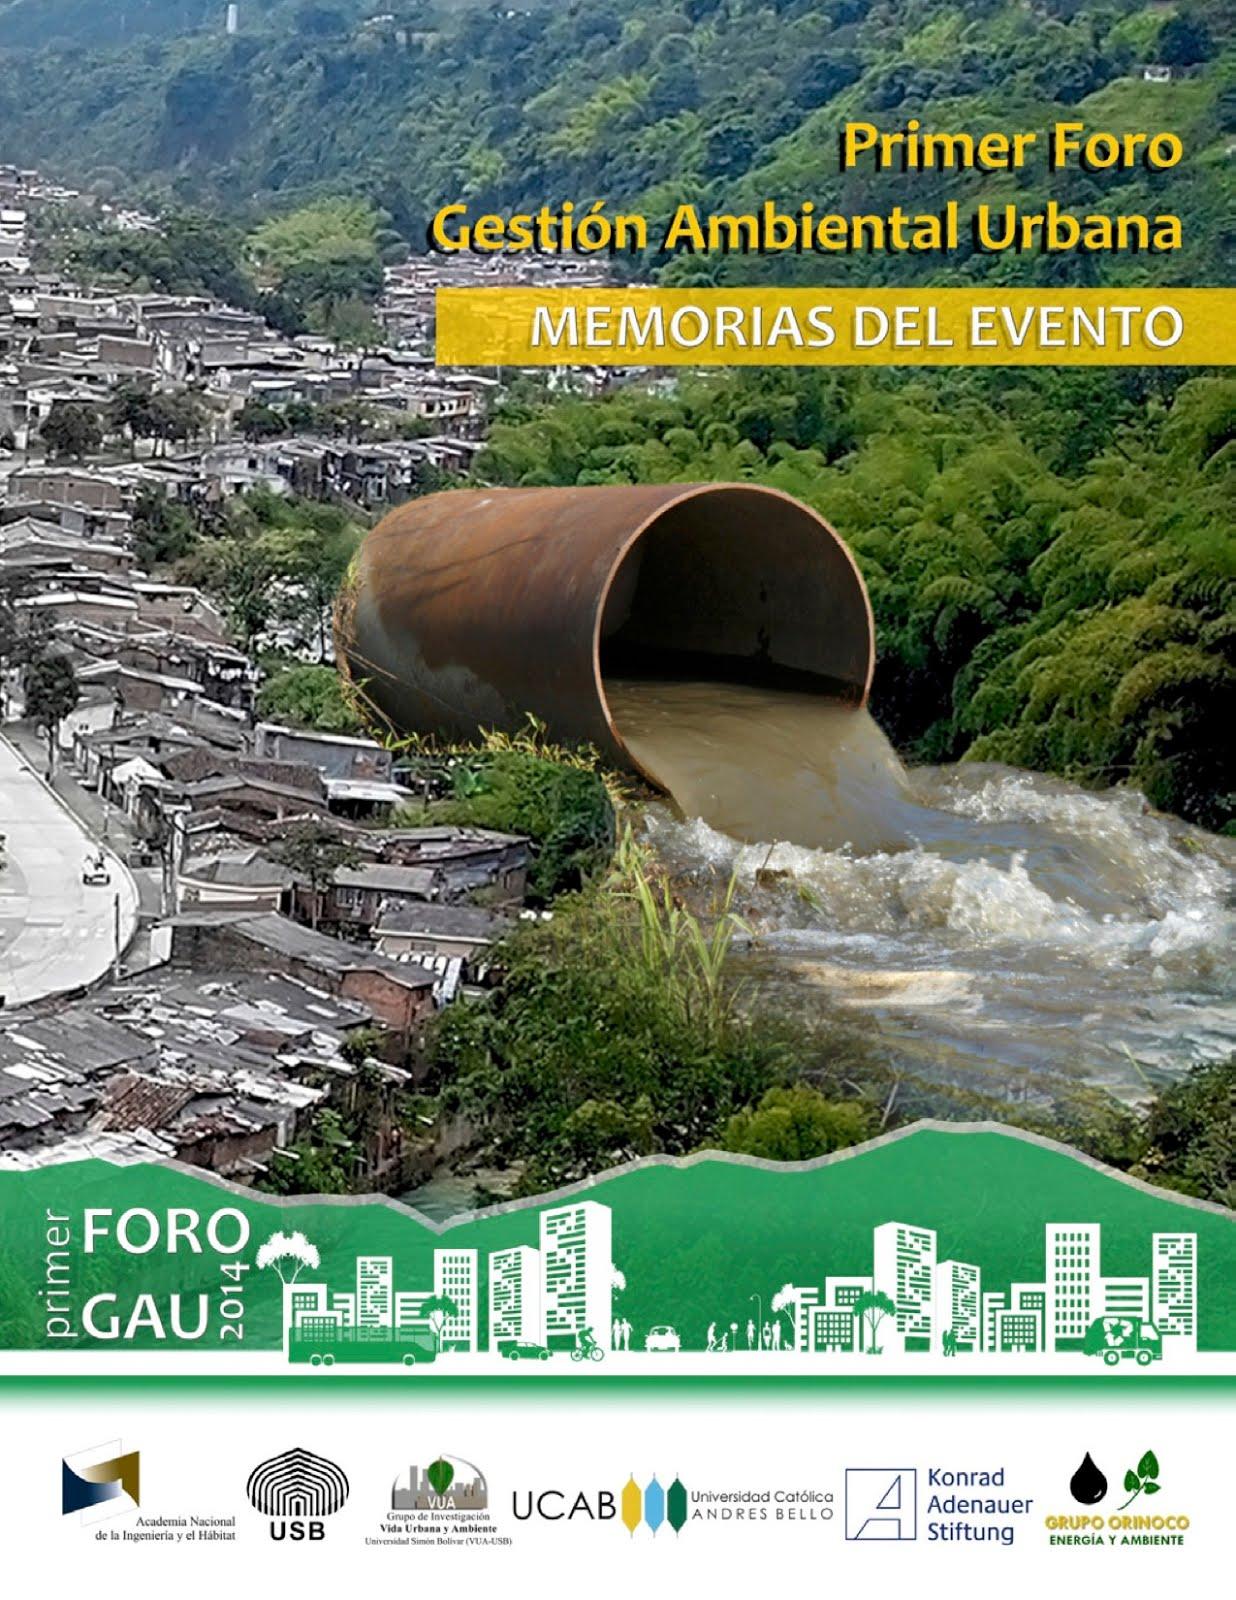 Primer Foro Gestión Ambiental Urbana